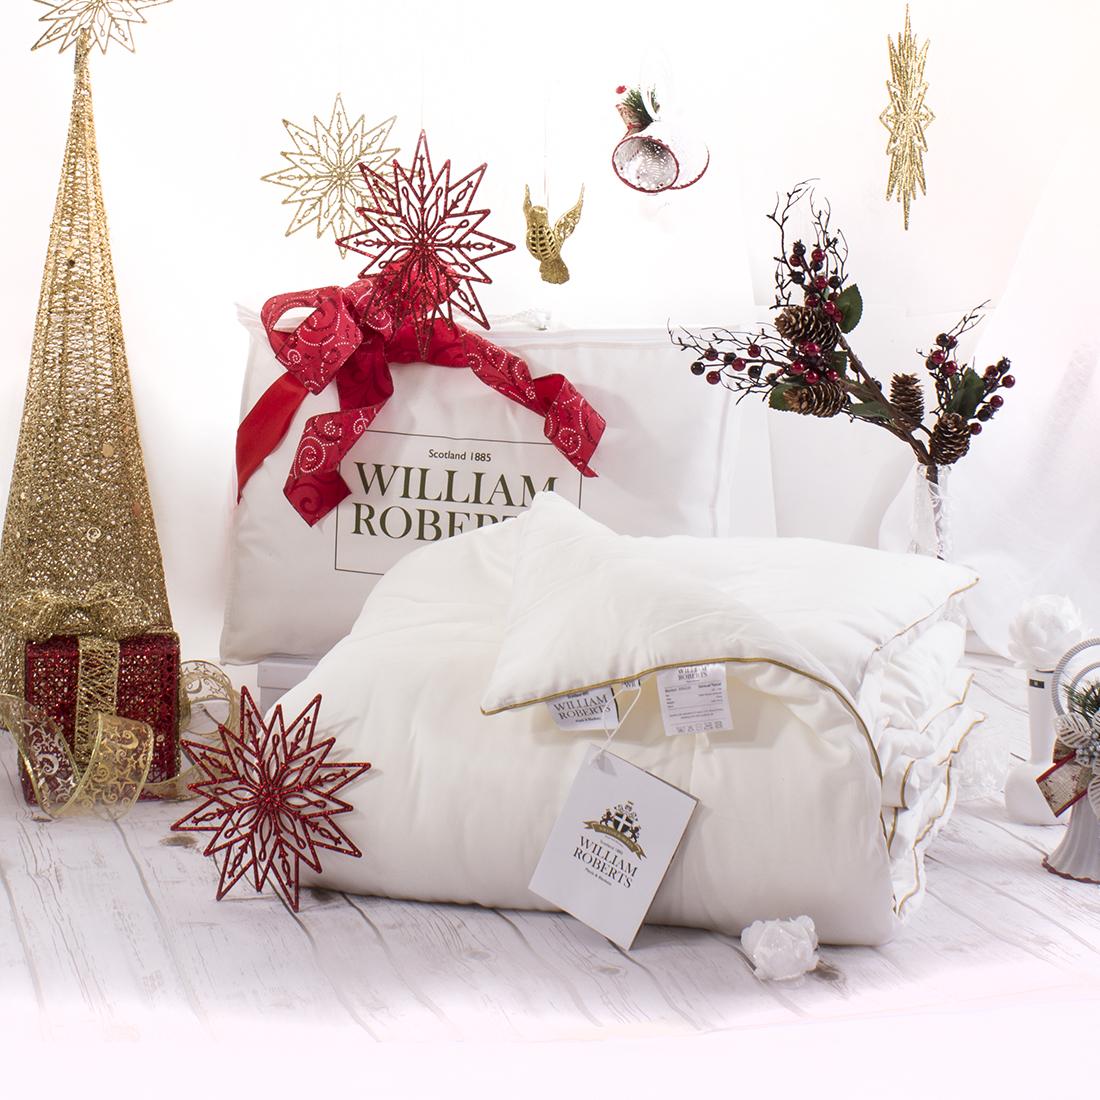 Одеяла William Roberts Одеяло Sensual Tencel Всесезонное (155х200 см) одеяла william roberts одеяло essential bamboo всесезонное 155х200 см